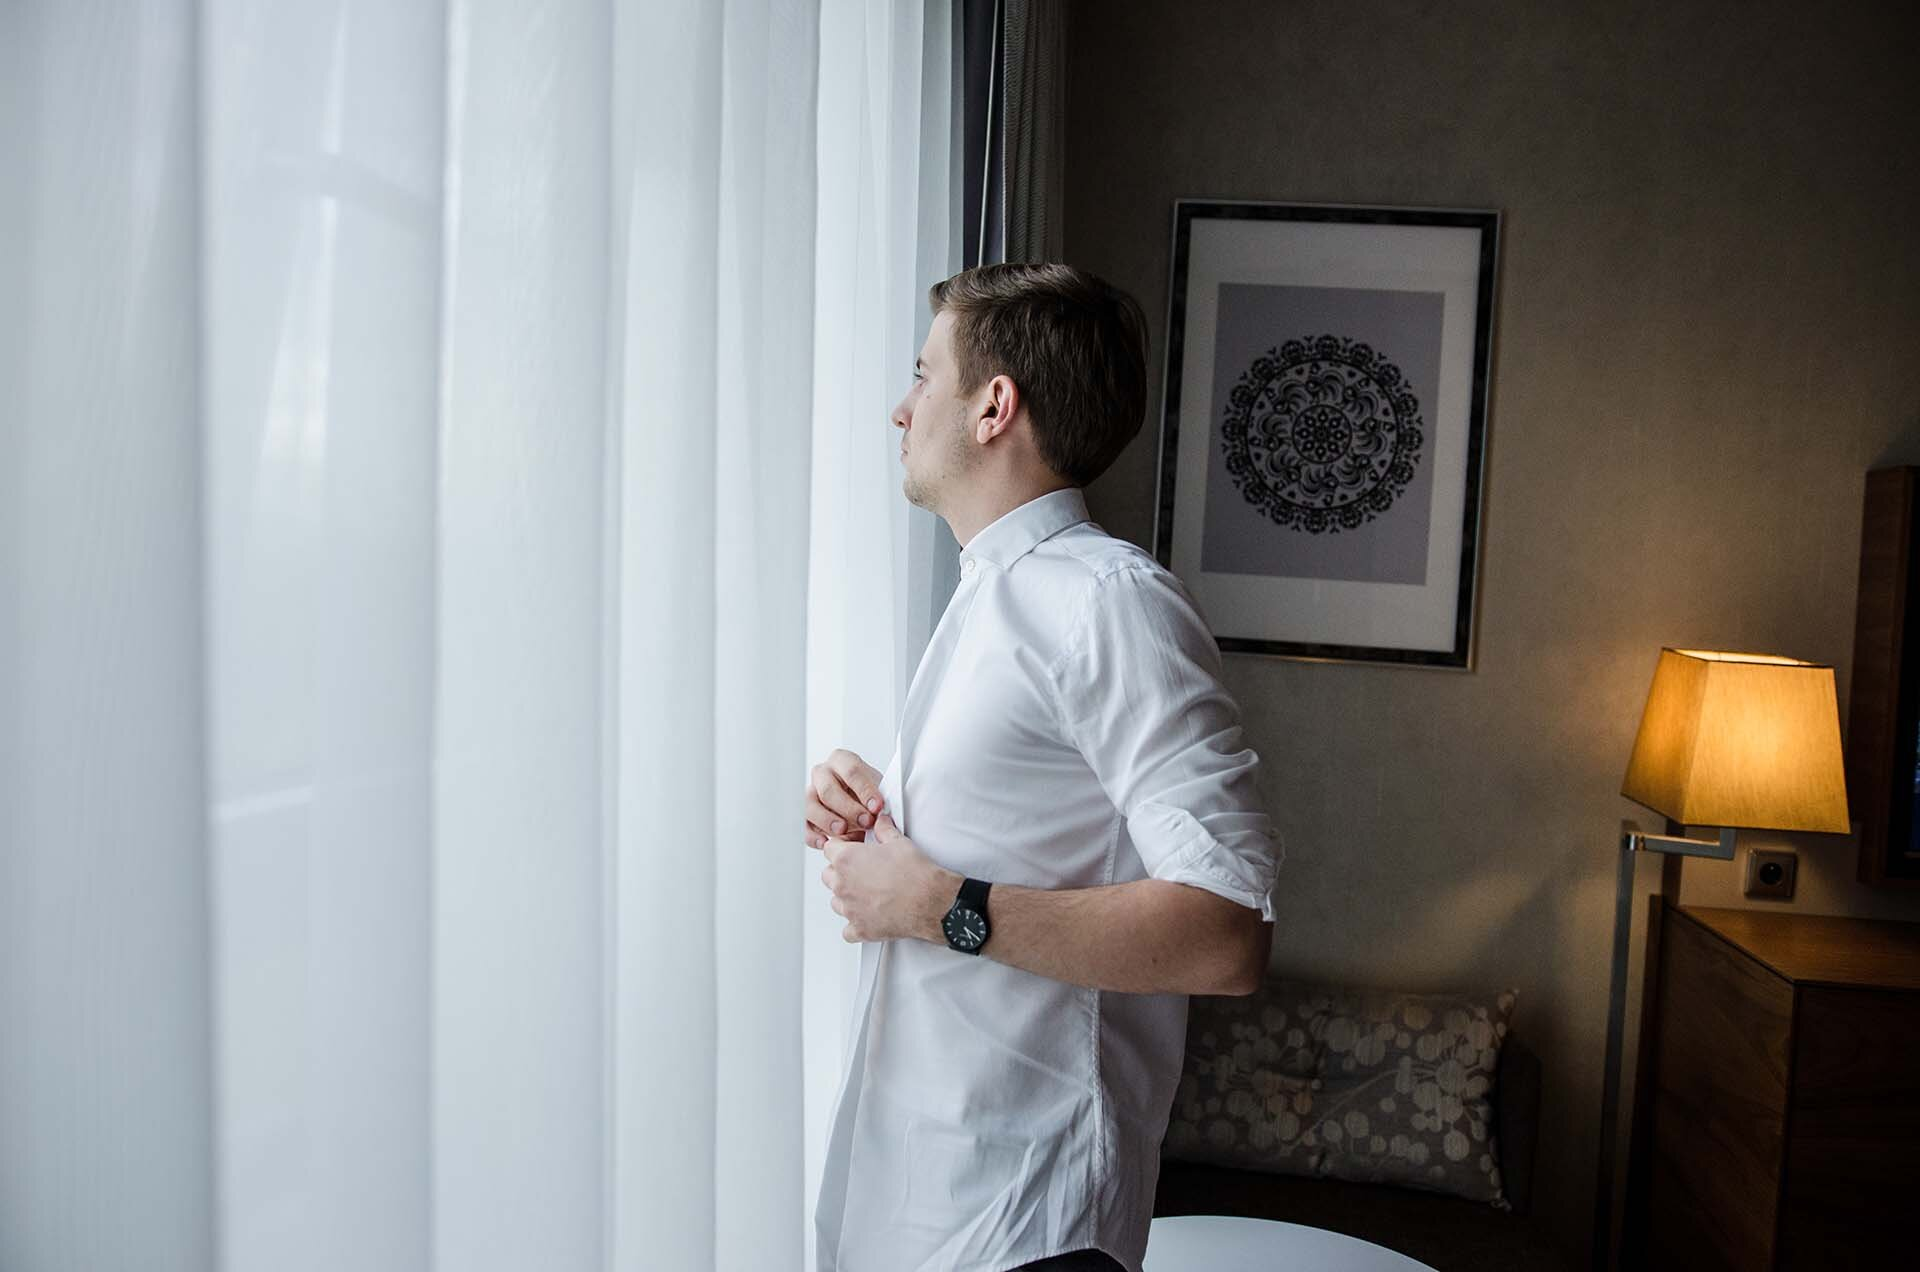 GMALE by Grzegorz Paliś, blog o modzie męskiej, Moda męska, Krawat dziergany, Krawat knit, Krawat knitowy, Apart, Zegarek męski Apart, Zegarek Apart, Zegarek AM:PM, Hotel Hilton, Tree by Hilton Kraków, Apartament Prezydencki Tree by Hilton